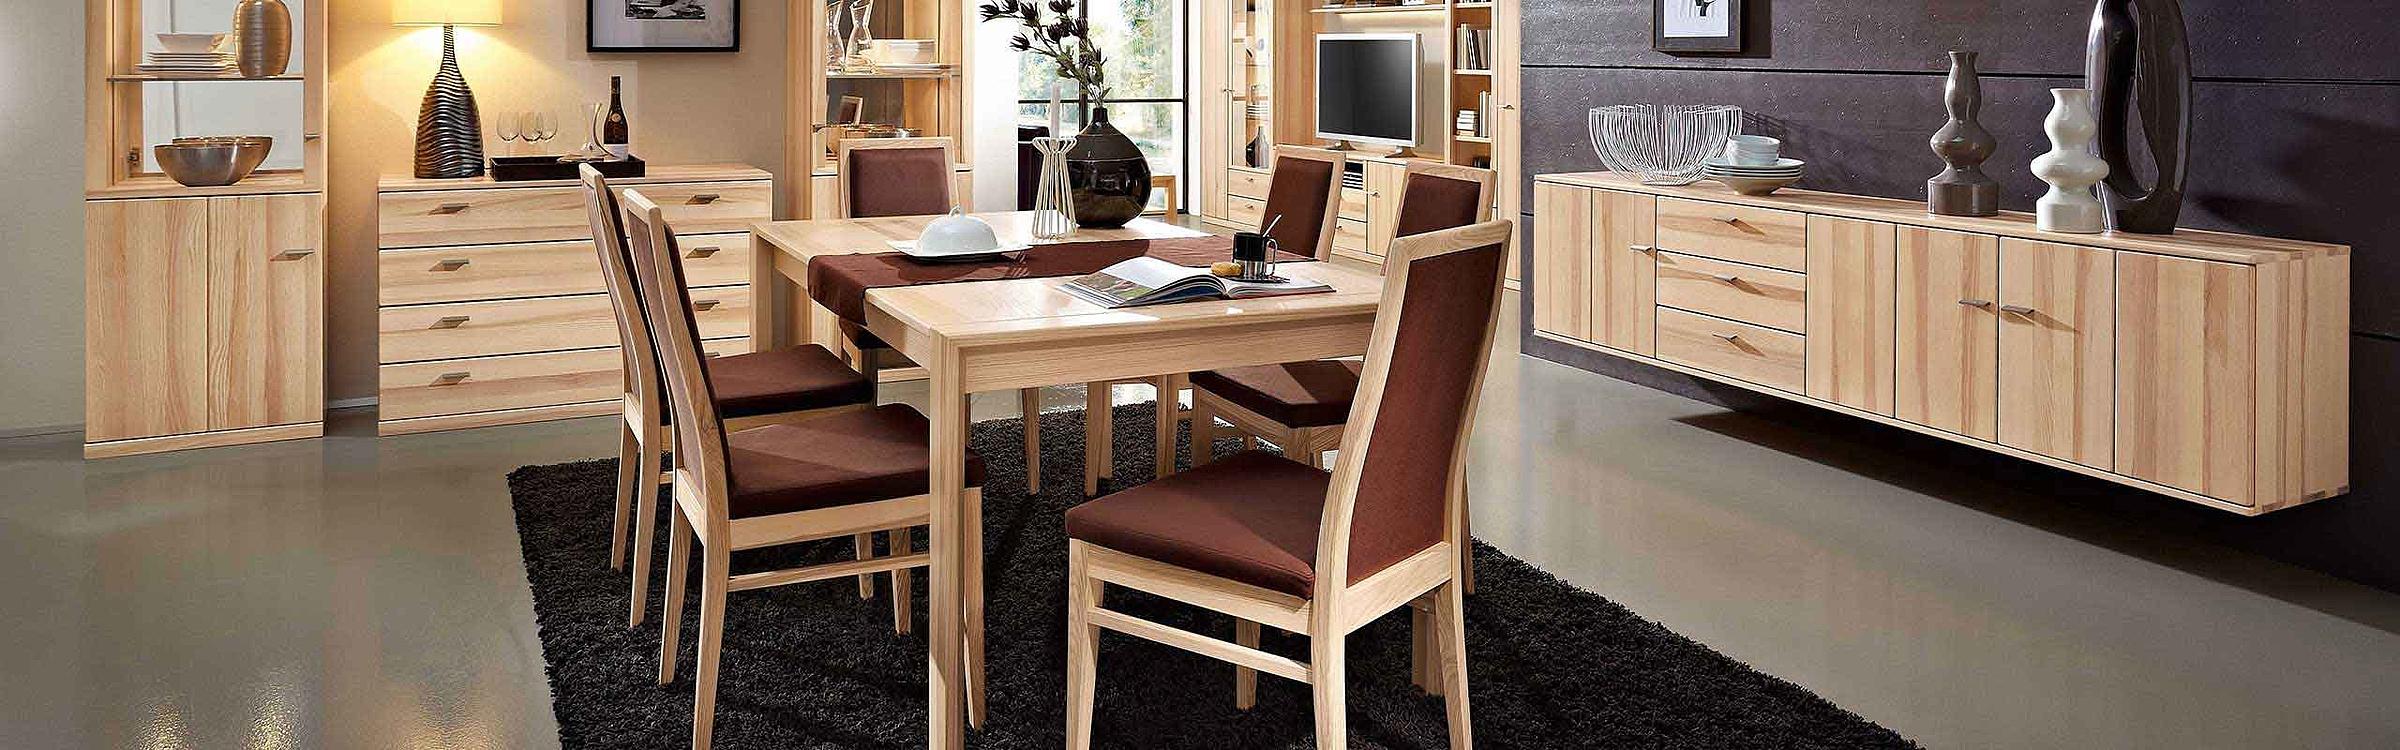 Wohnwand Esstisch Stuhl Hängesideboard Esszimmer Allegro